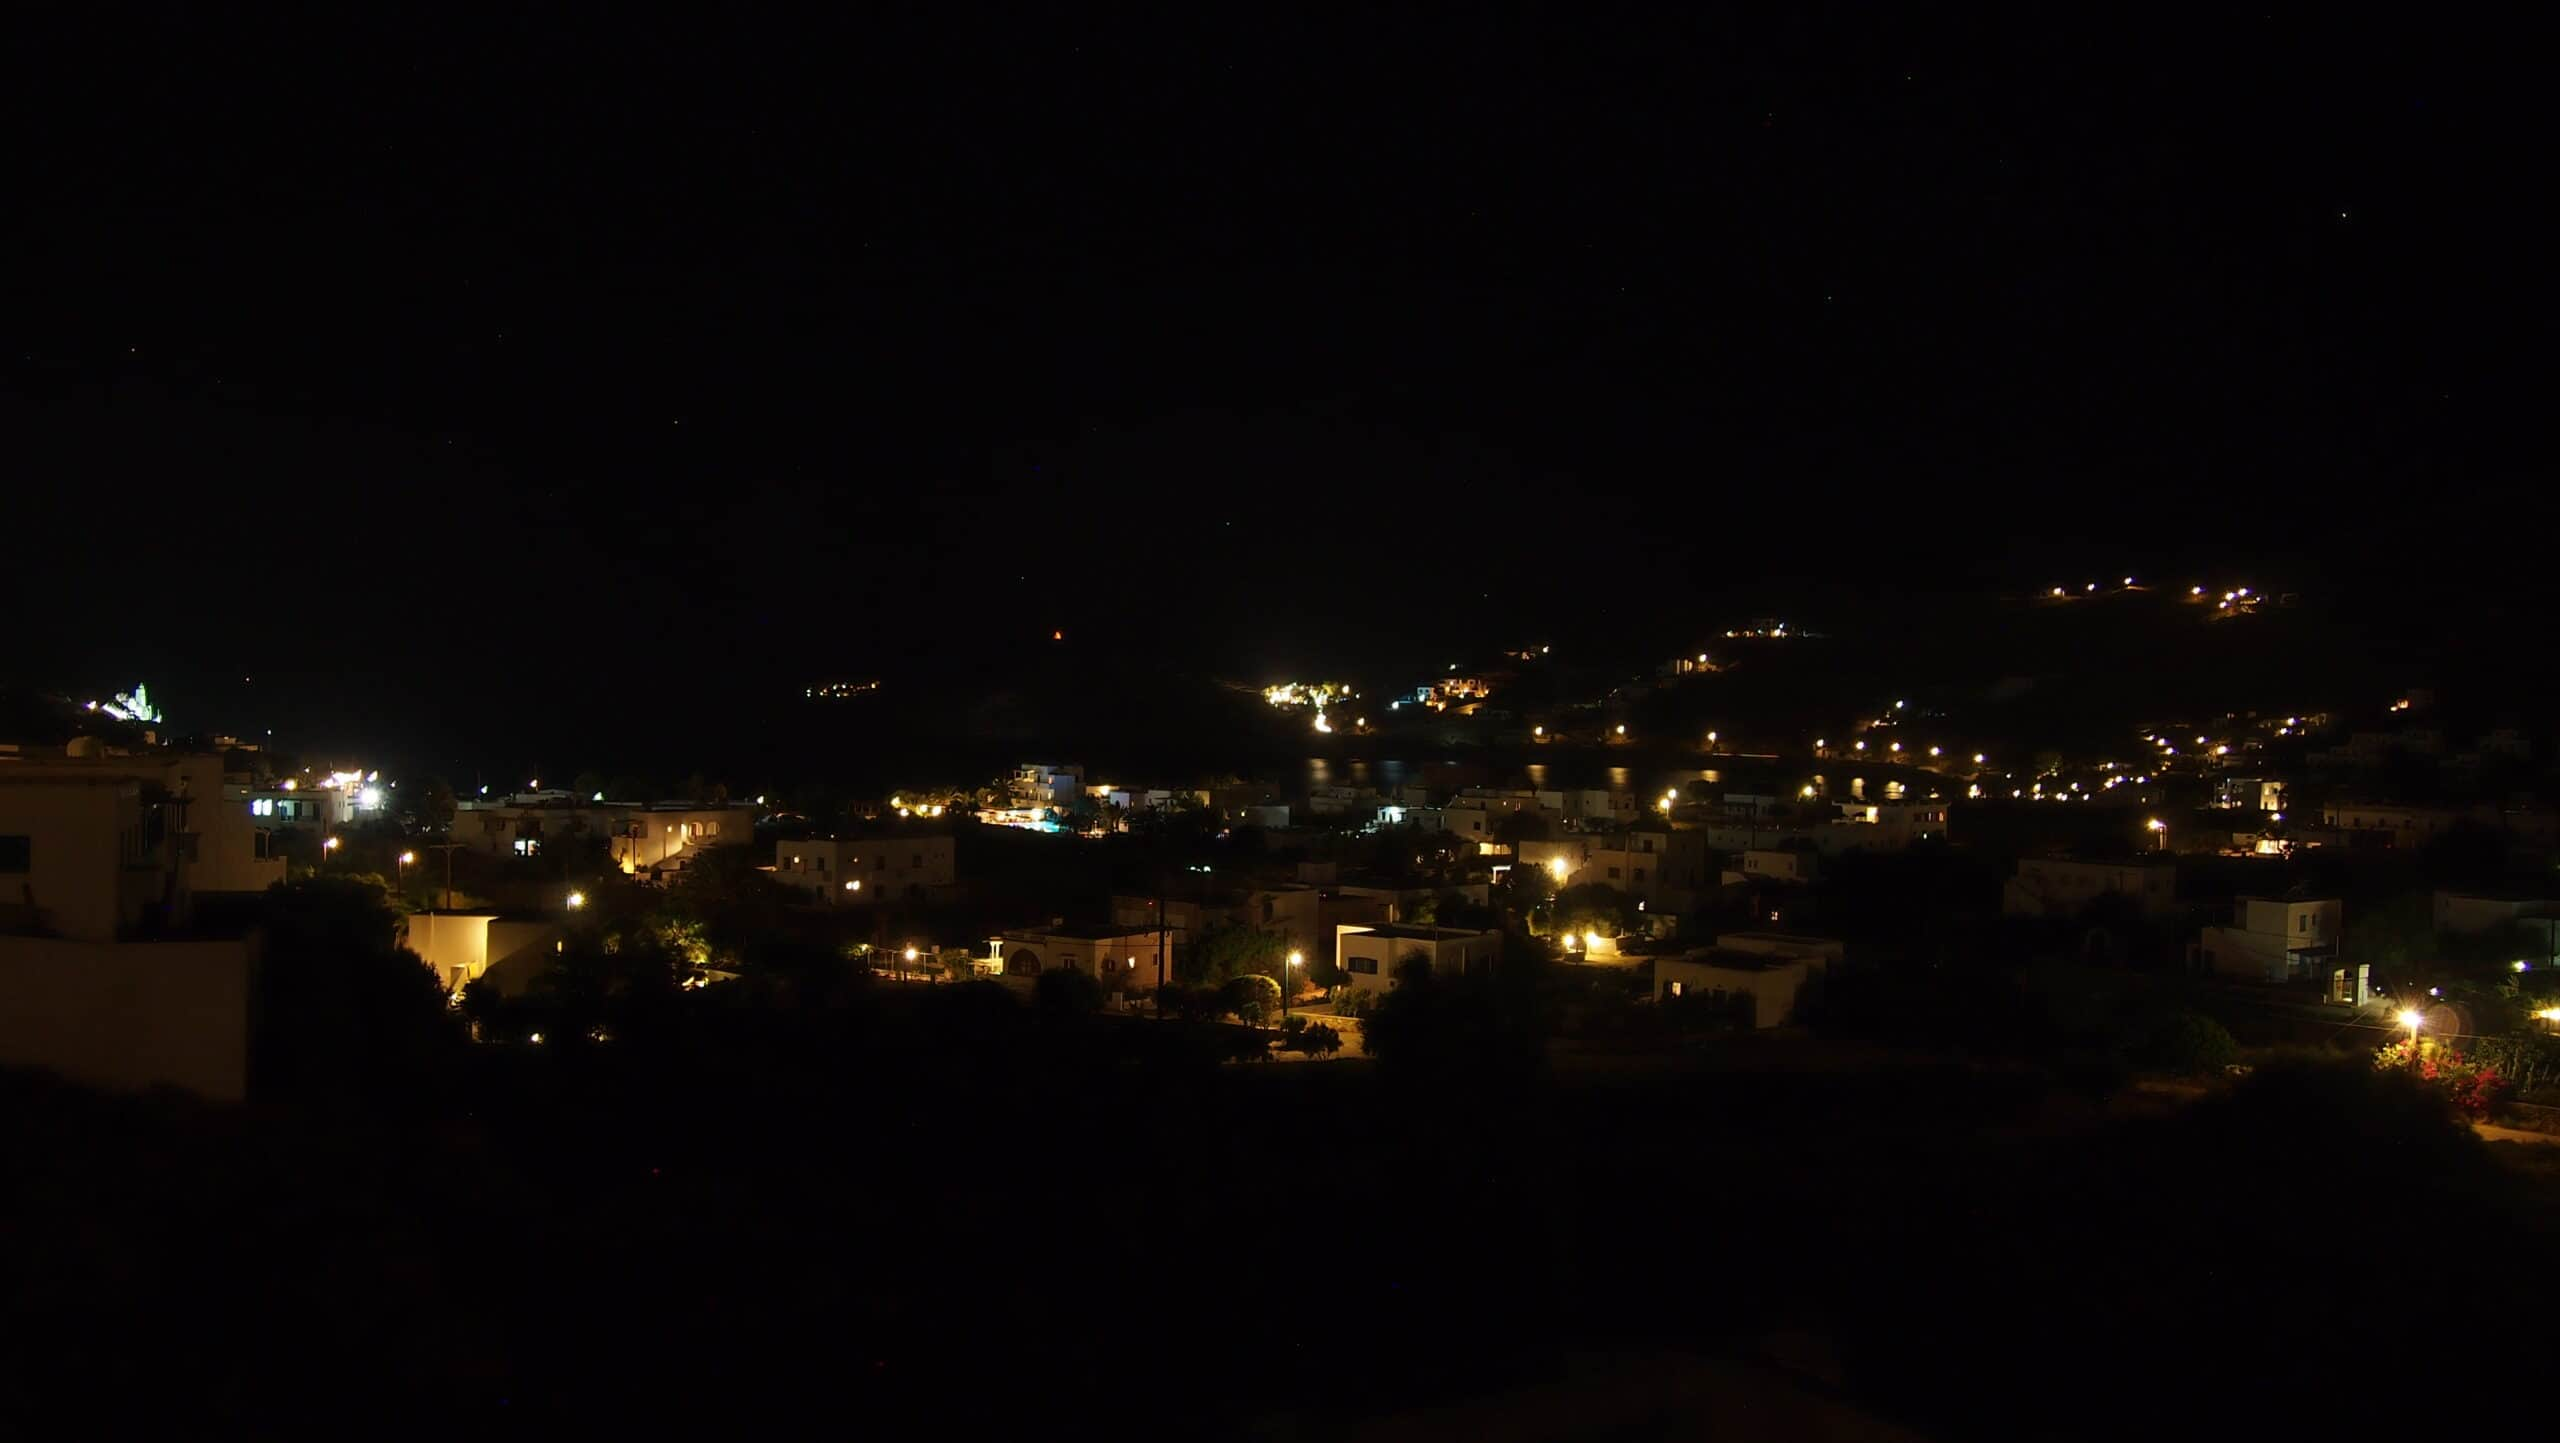 Night veranda view